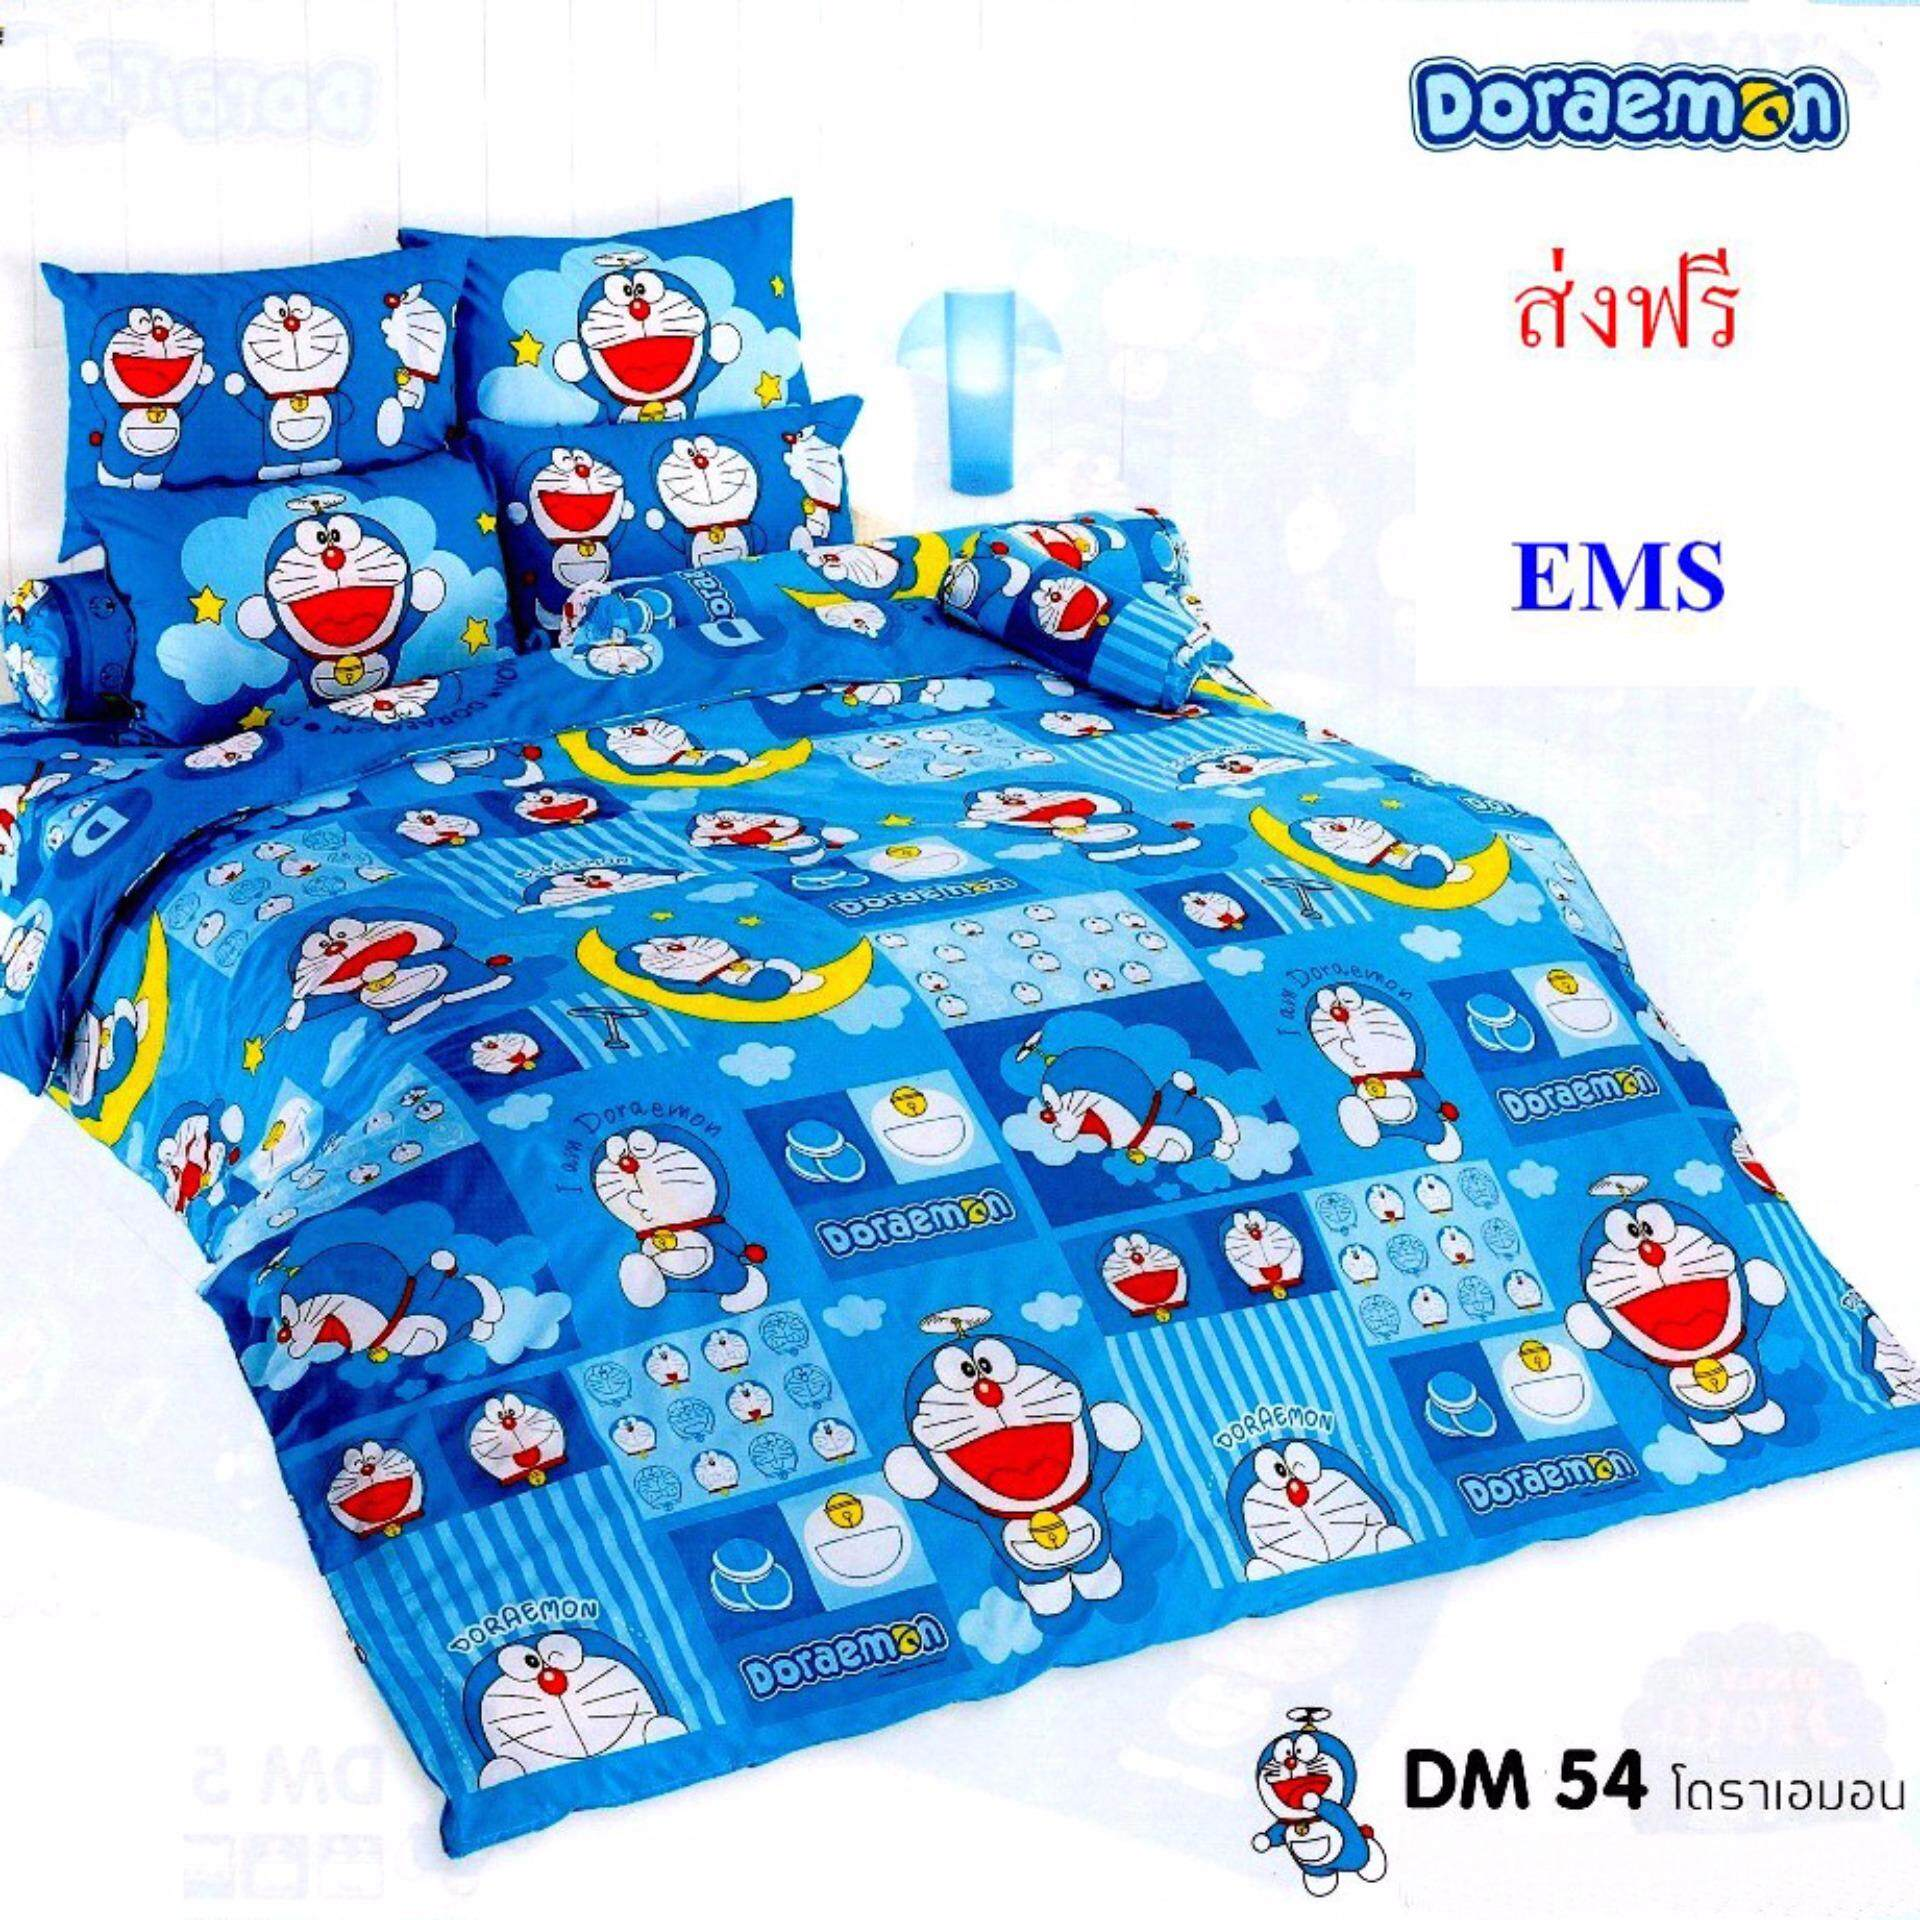 โตโต้ ชุดผ้าปูที่นอน (ไม่รวม ผ้านวม) โดราเอมอน Dm54  ( เดี่ยว 3.5ฟุต  ควีน 5ฟุต  King 6ฟุต).